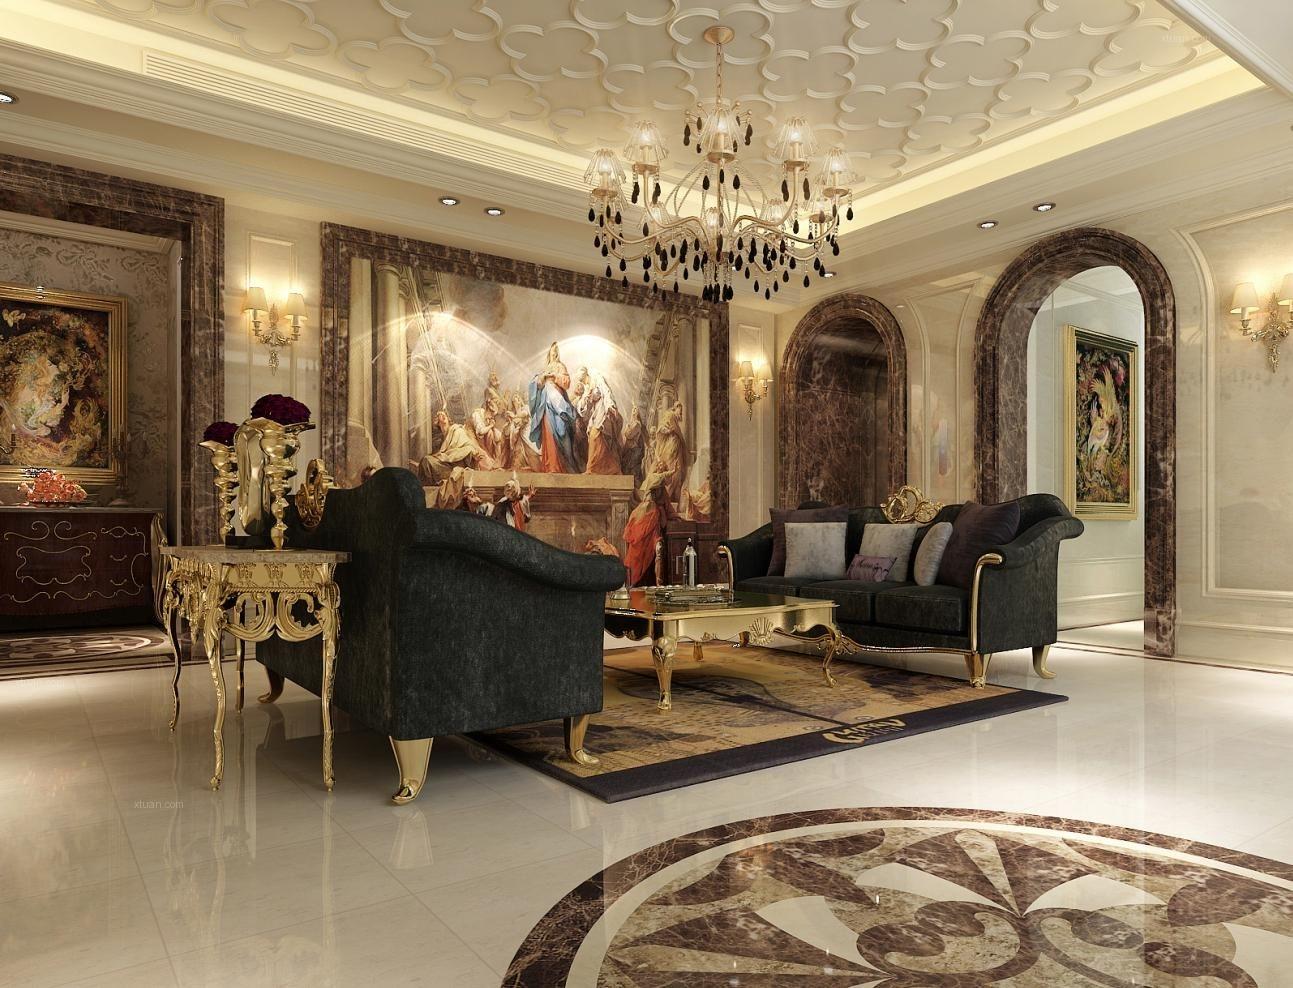 汇贤阁别墅装修美式古典风格设计